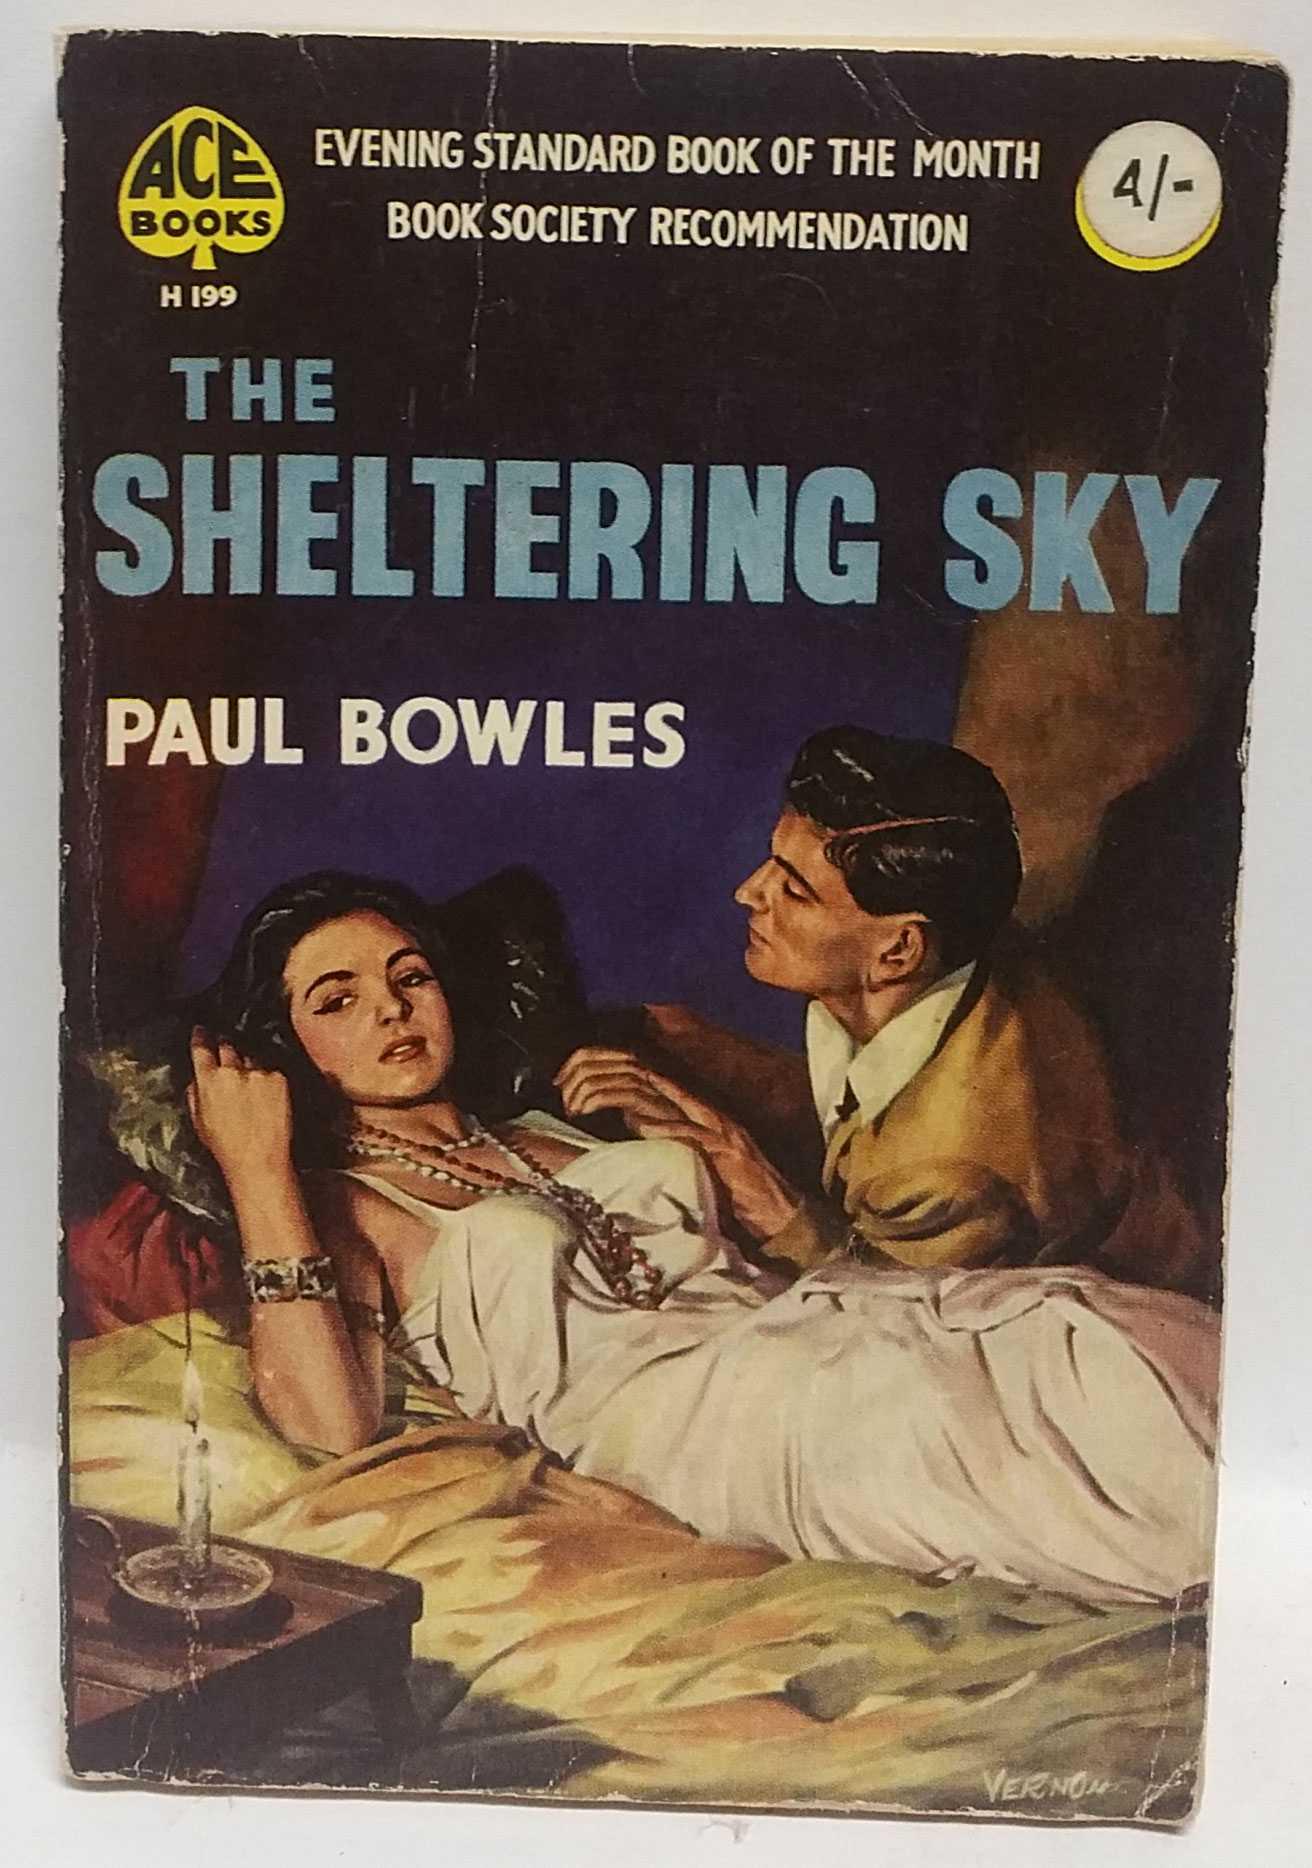 0004263 - Paul Bowles, Um chá no deserto do nosso descontentamento